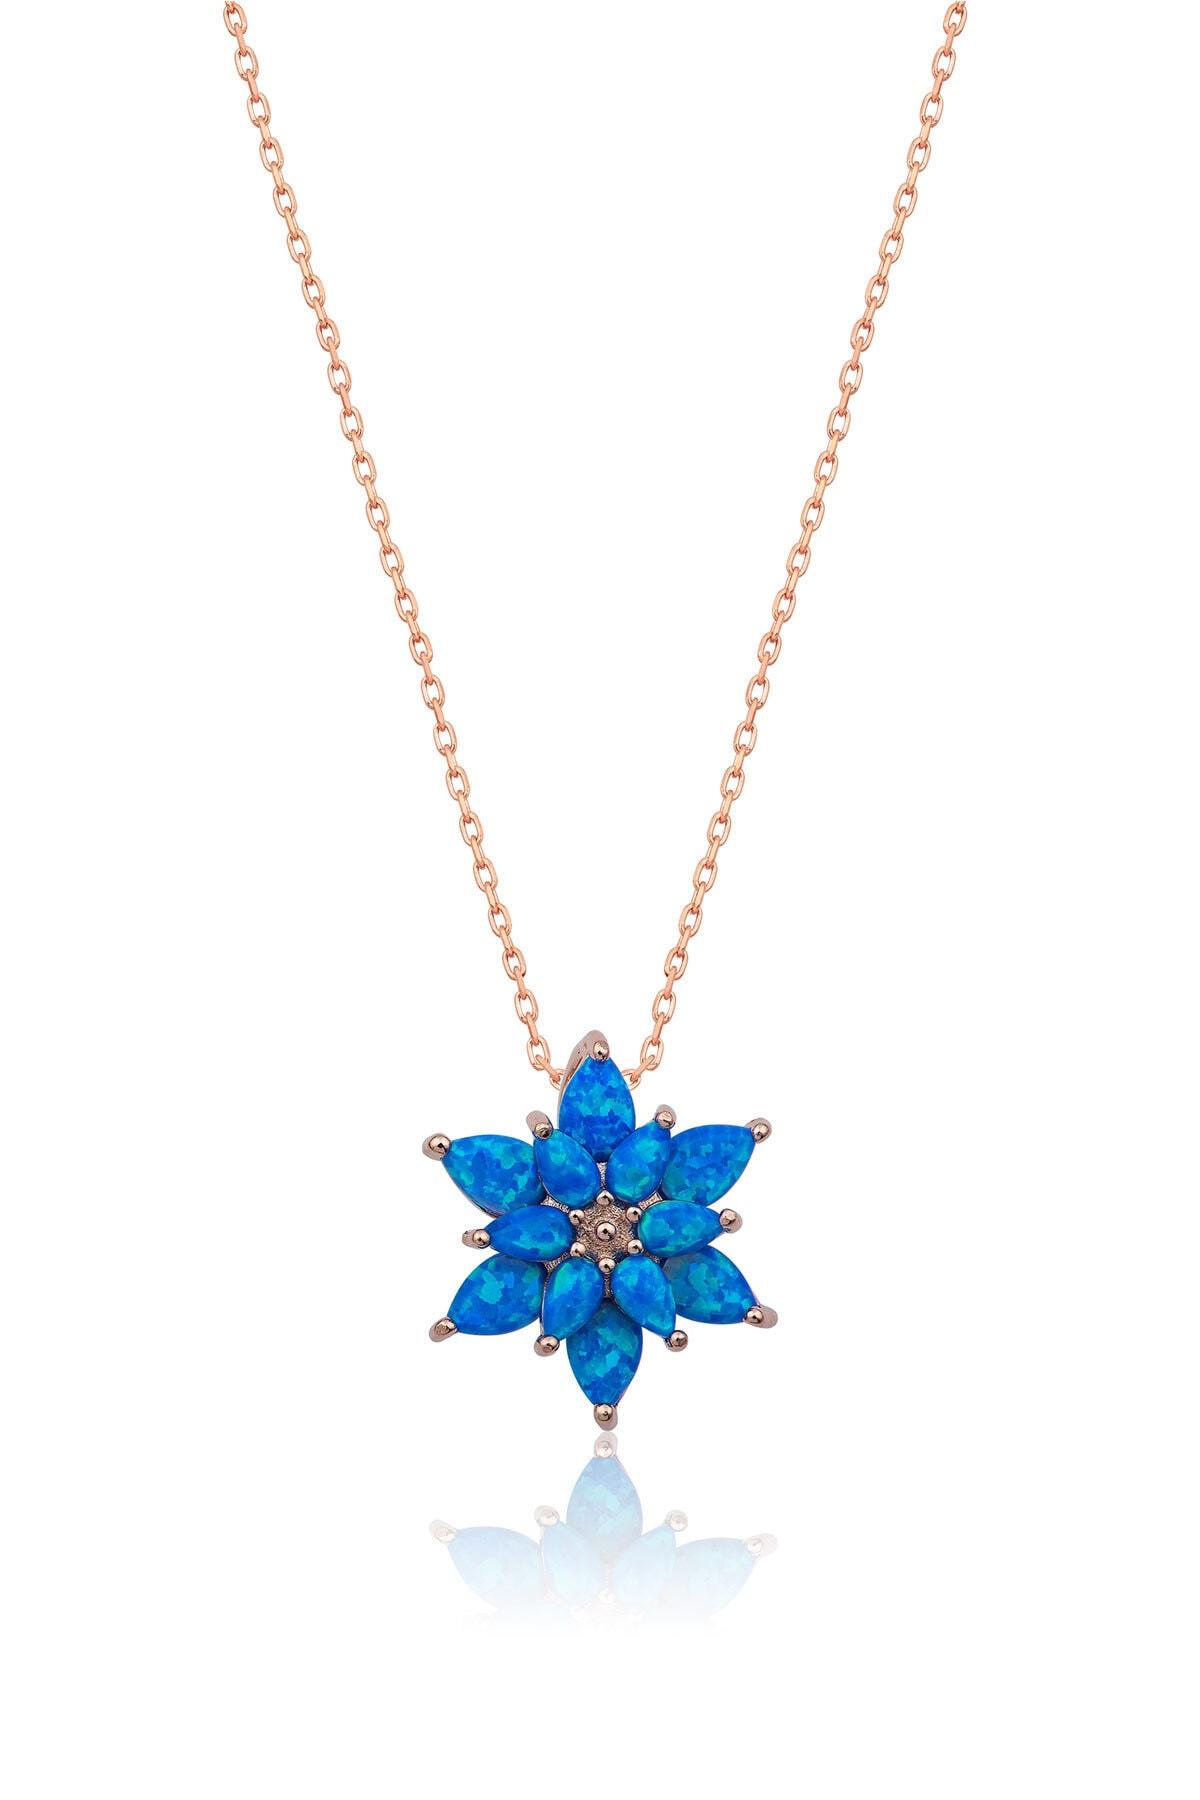 Papatya Silver 925 Ayar Mavi Opal Taşlı Gümüş Lotus Kolye 1